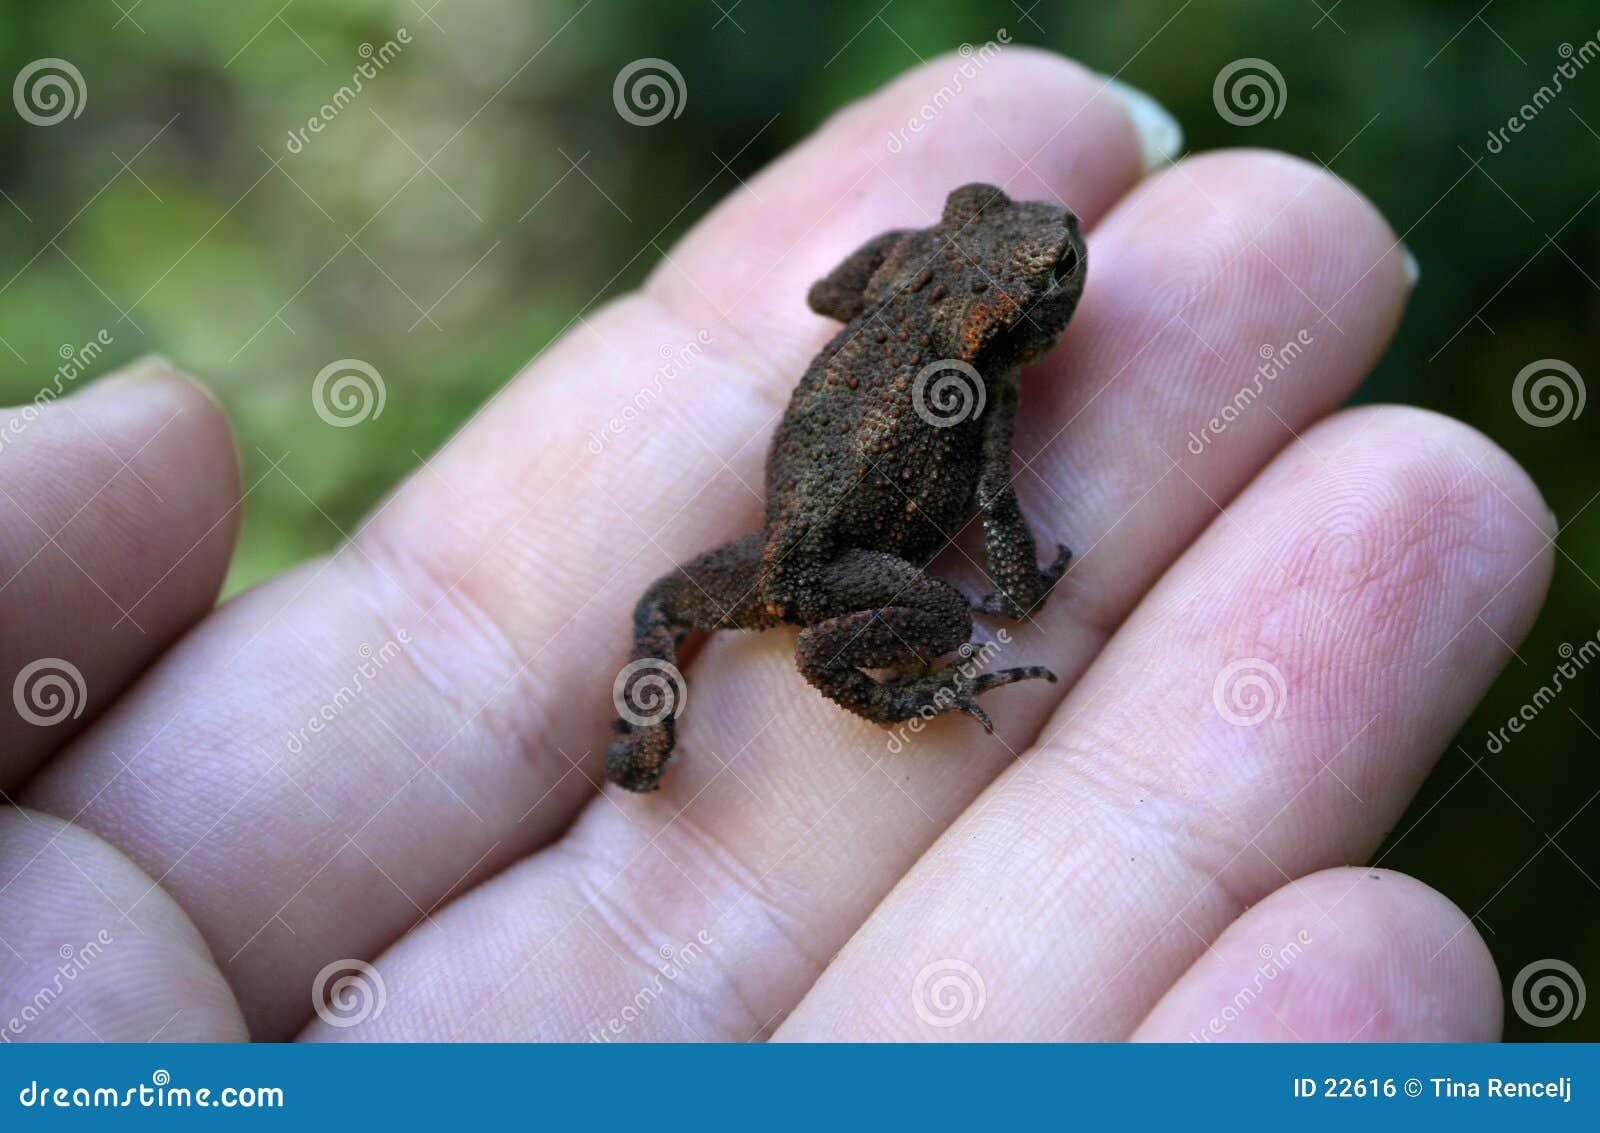 Froggy little